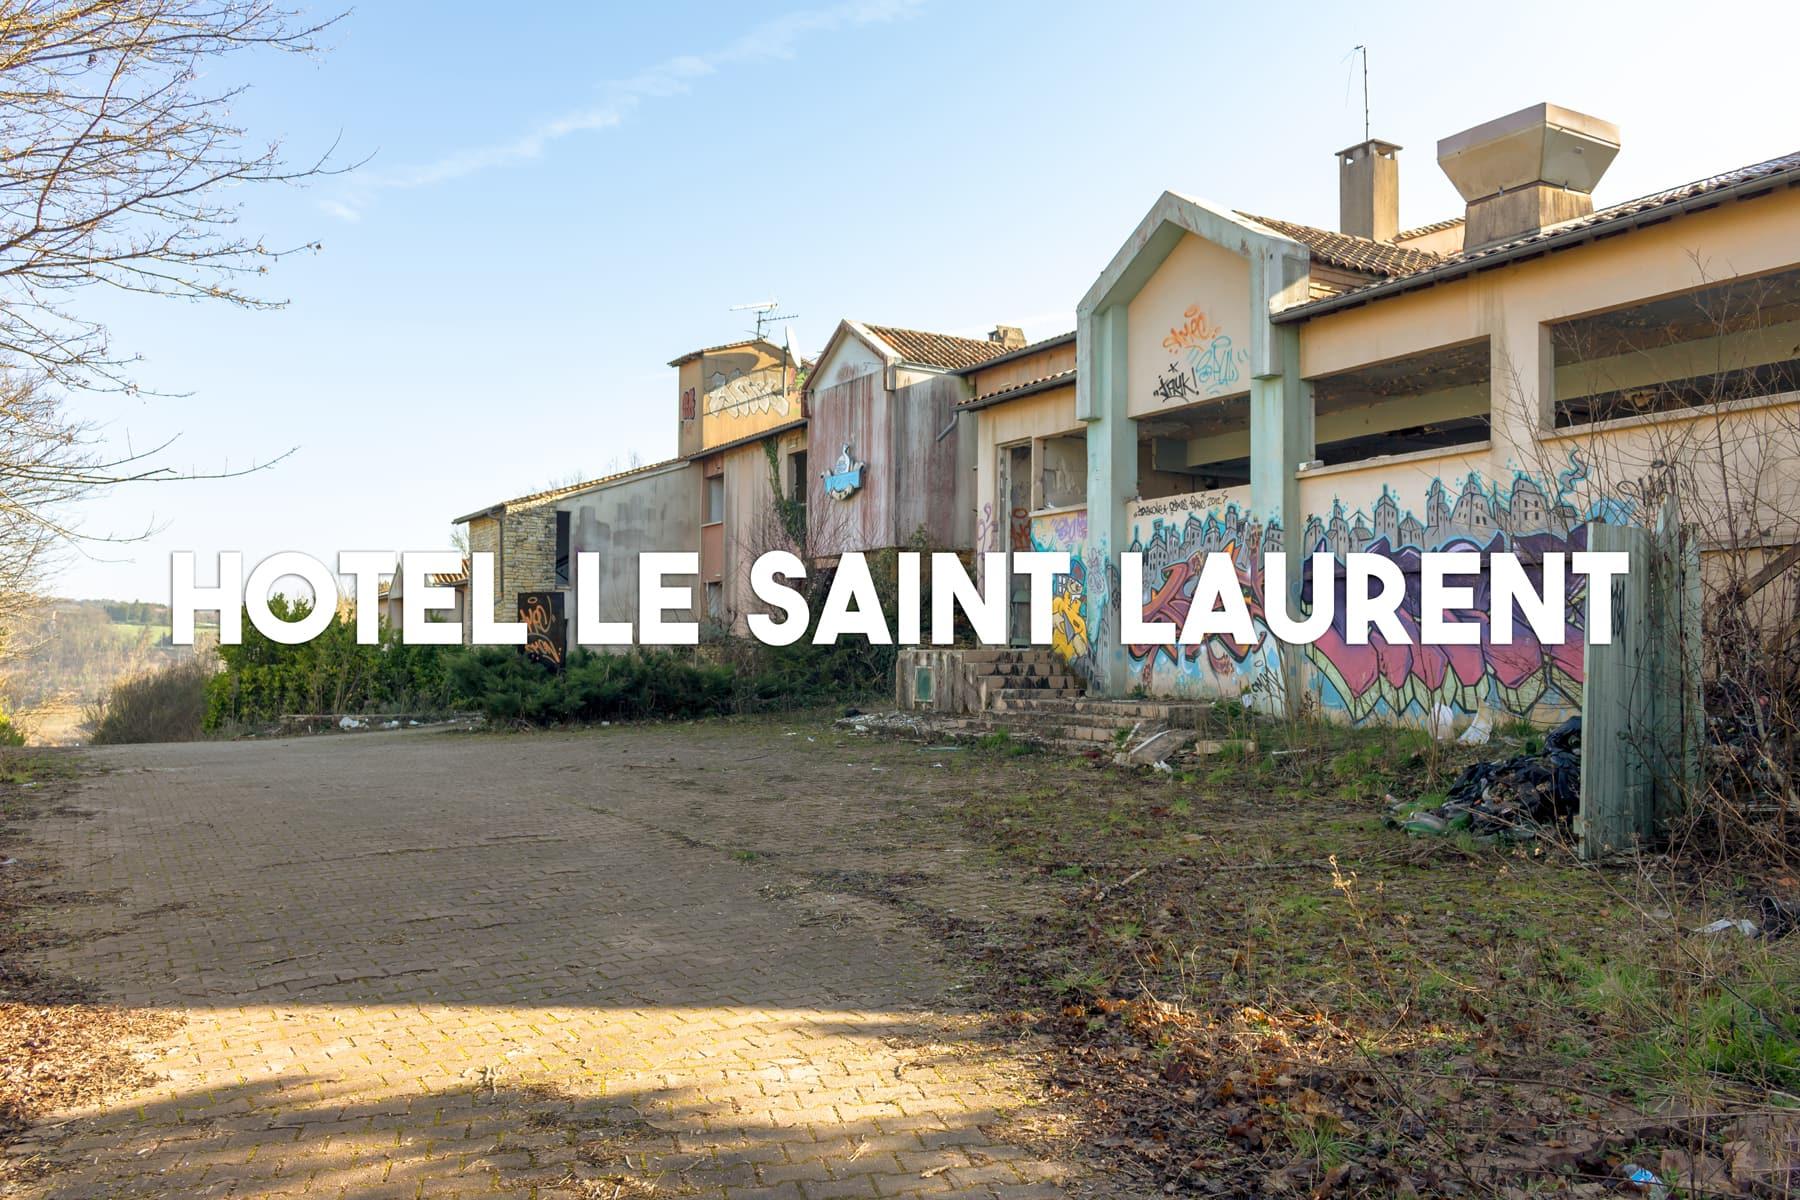 Hôtel abandonné situé à Boulazac Isle Manoire   urbexsession.com/hotel-le-saint-laurent-boulazac-isle-manoire   Urbex Dordogne